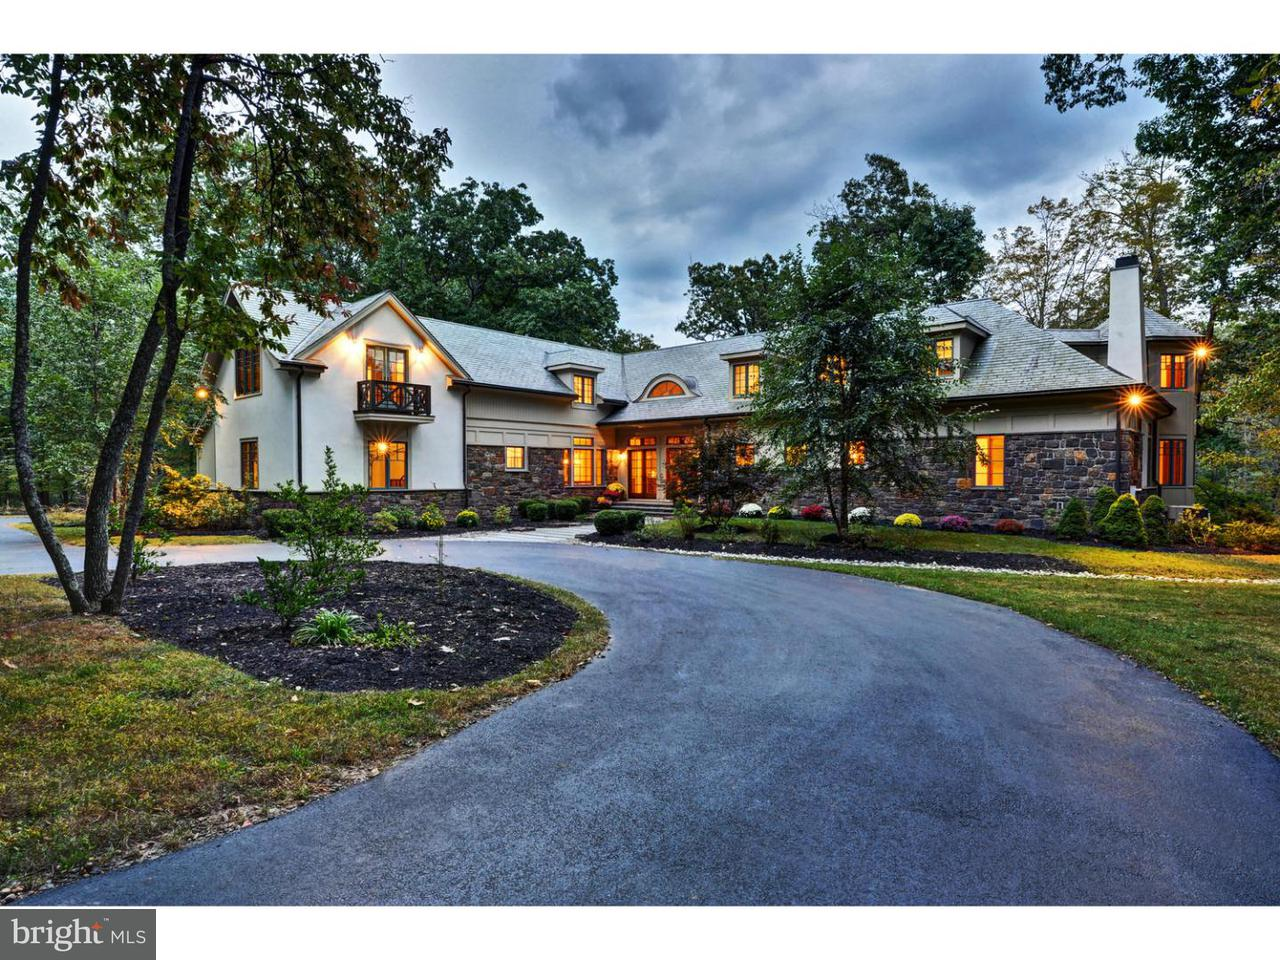 단독 가정 주택 용 매매 에 37 STONEY BROOK Lane Princeton, 뉴저지 08540 미국에서/약: Princeton